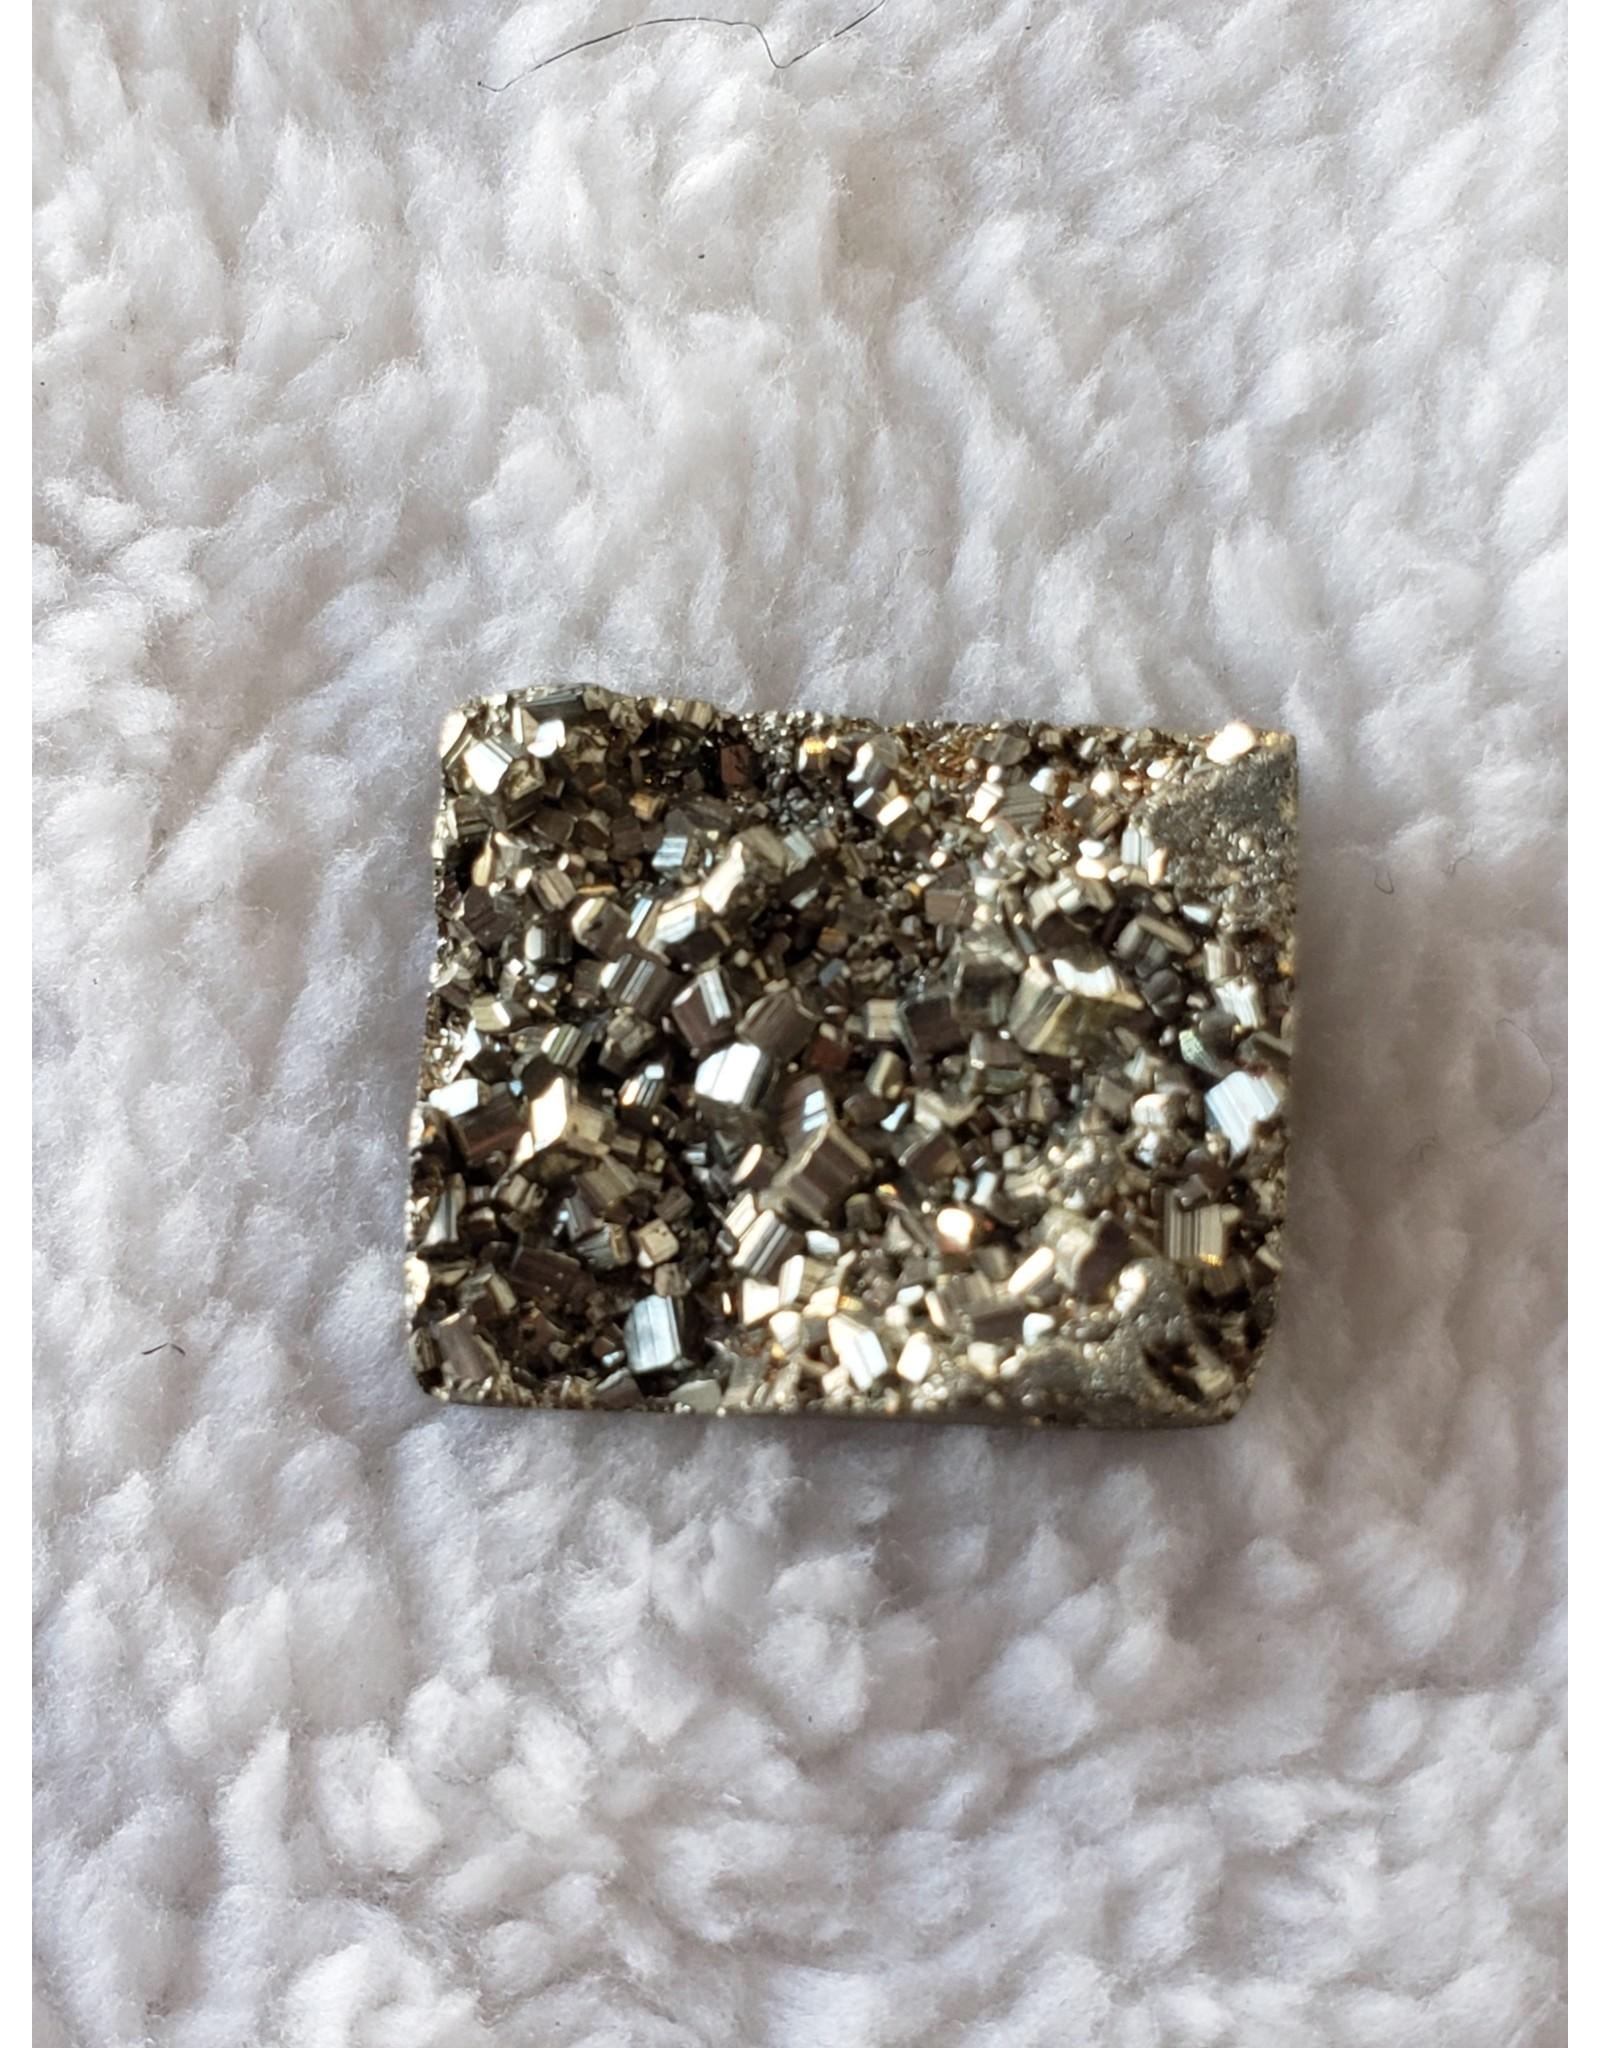 Square Pyrite Cabochon